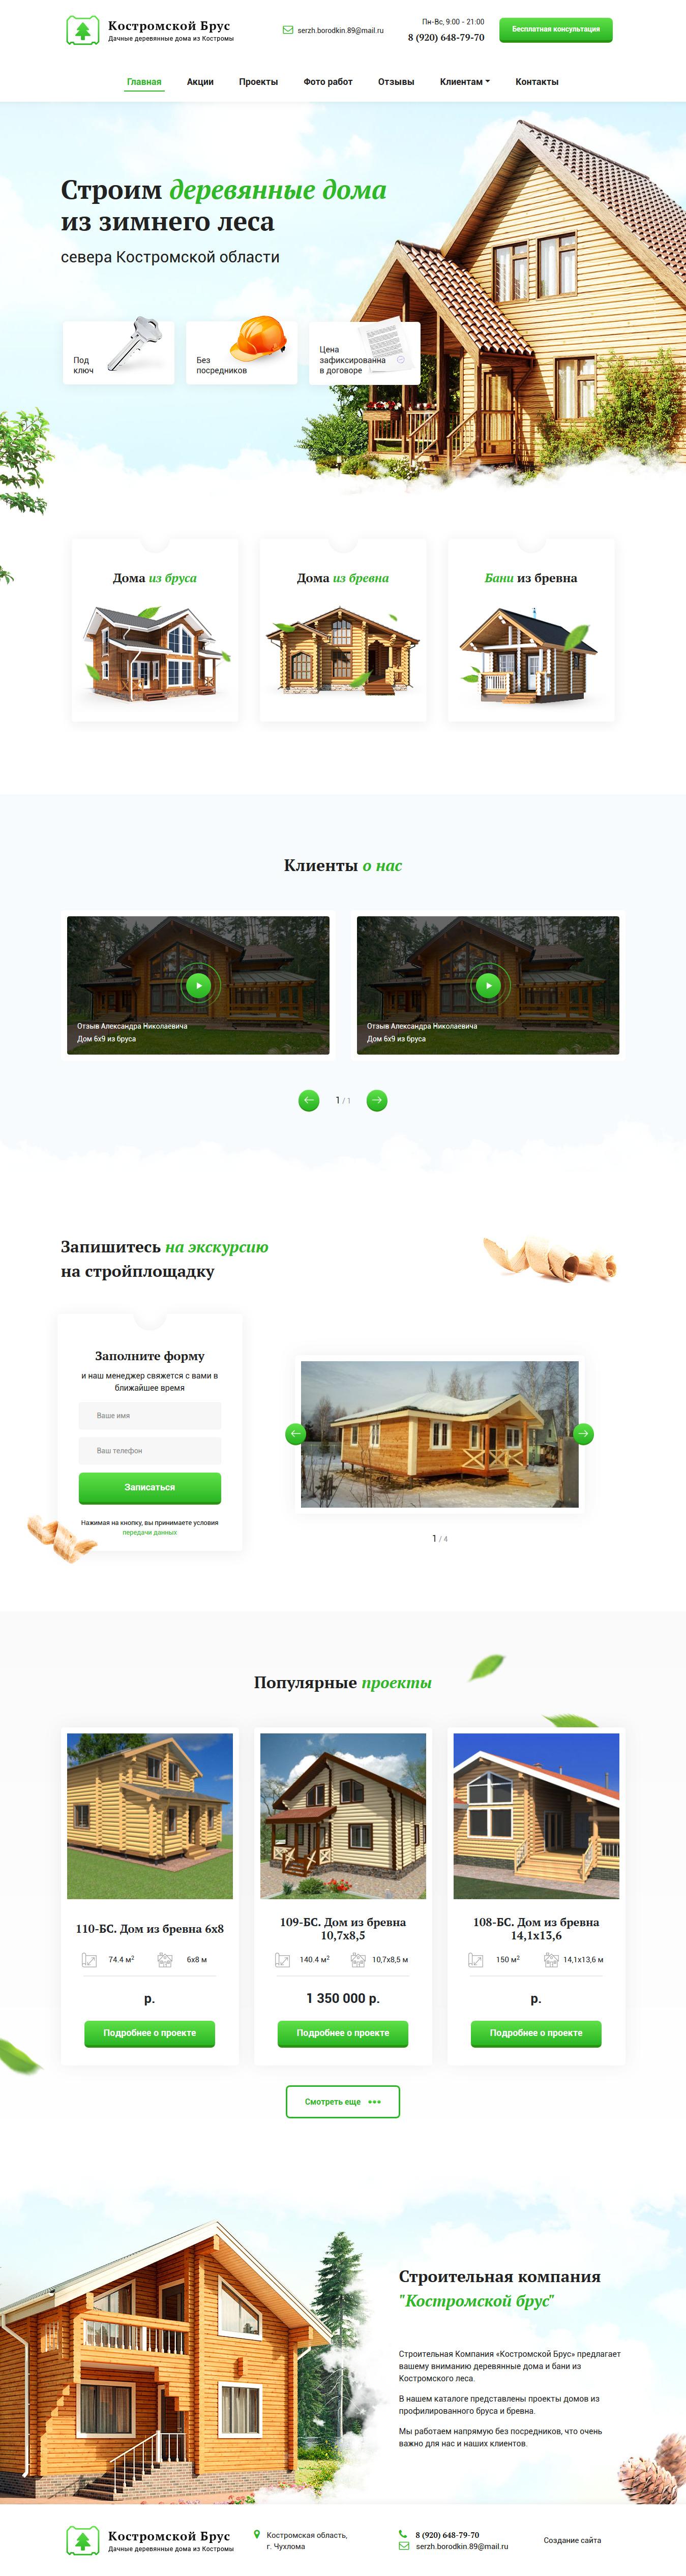 Сайт строительной компании «Костромской Брус». Создание сайтов в Костроме